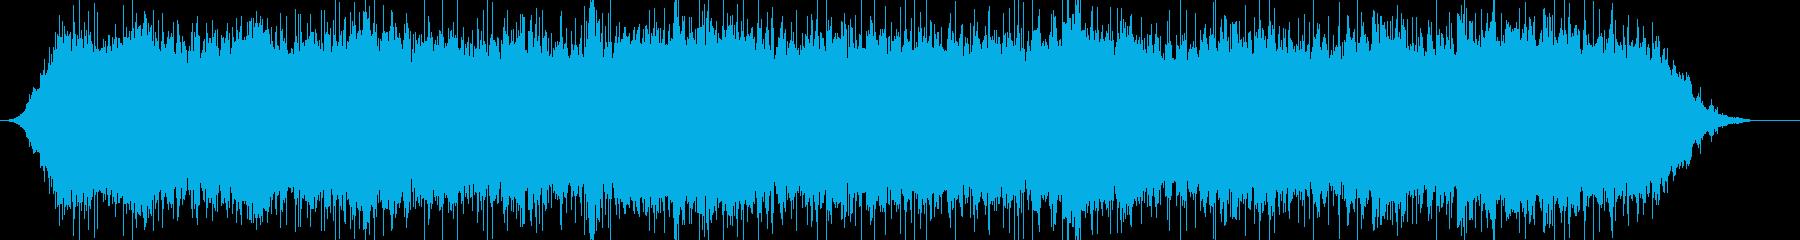 シネマサウンドに最適のBGMの再生済みの波形